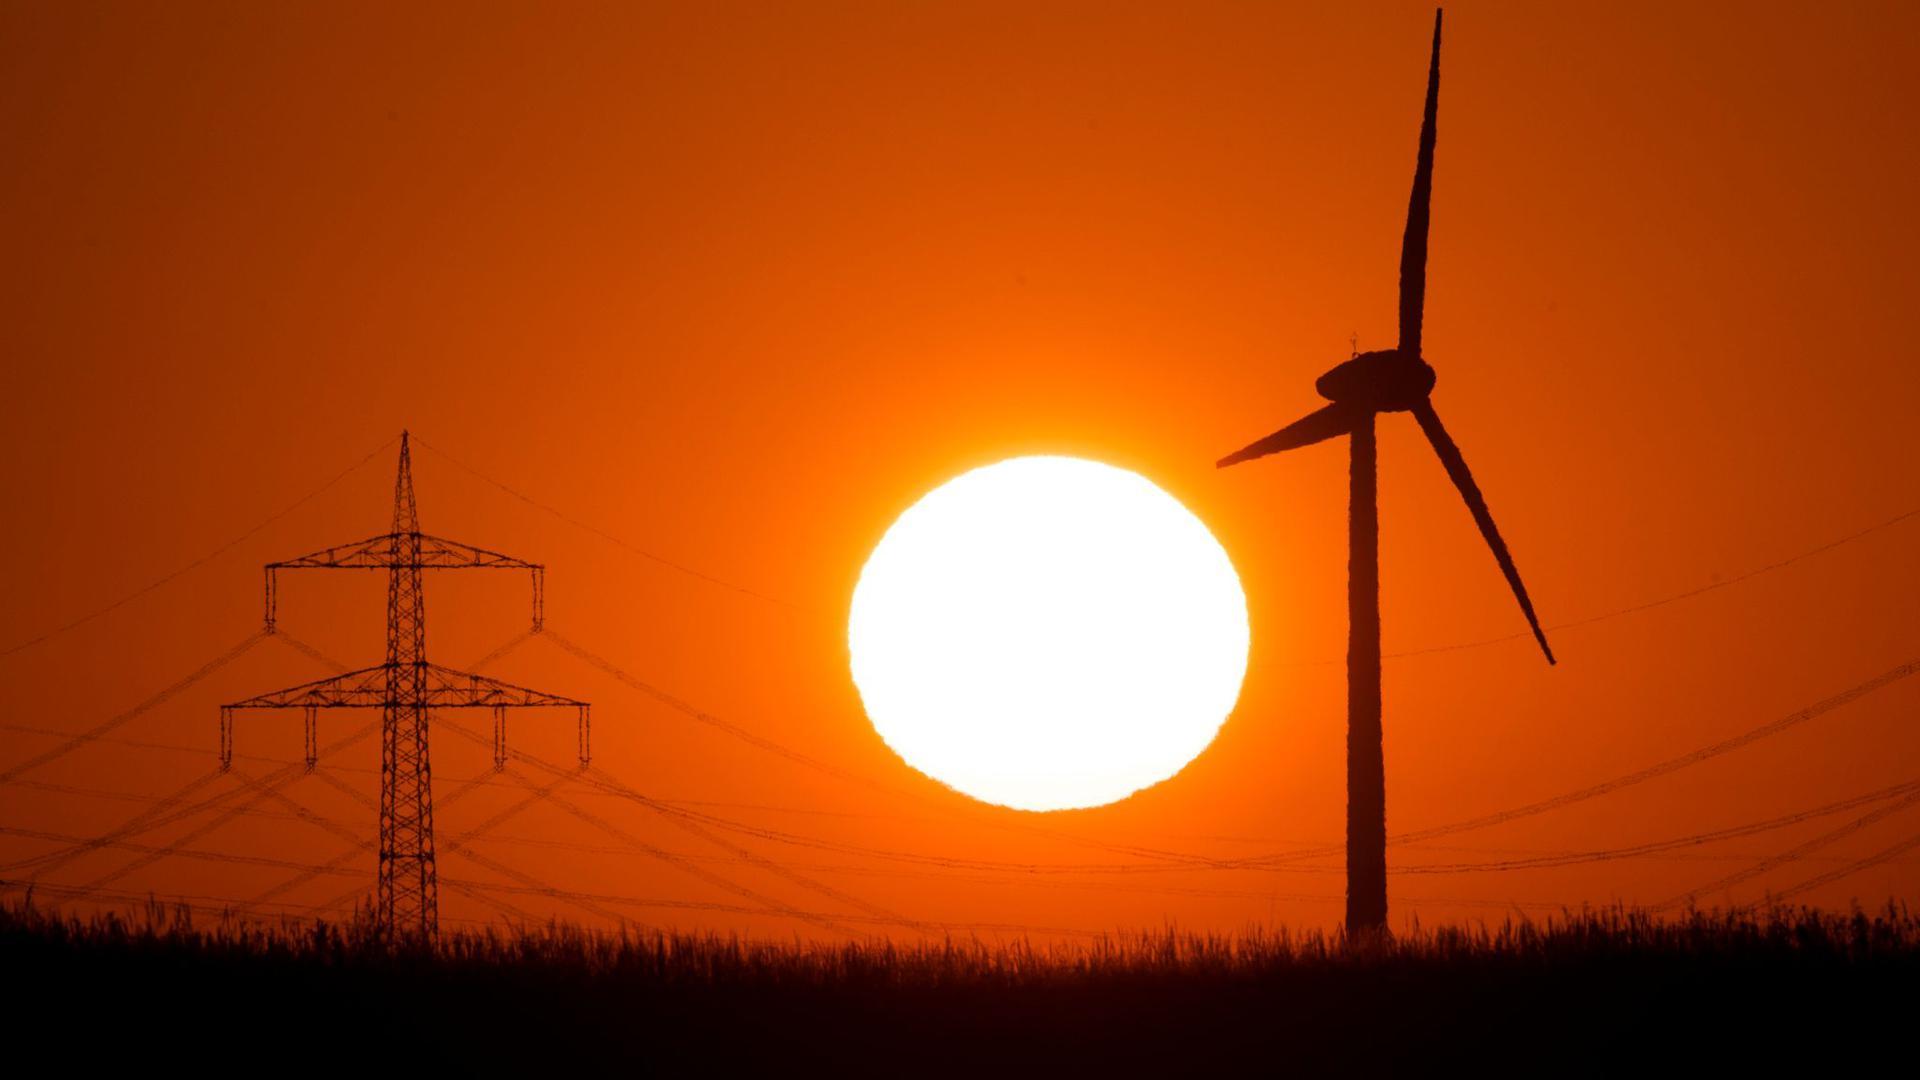 Deutschlands Telekommunikationsunternehmen setzen immer stärker auf Ökostrom - wie zum Beispiel aus der Windkraft - um ihre Antennen, Server und Shops klimaschonender zu betreiben.